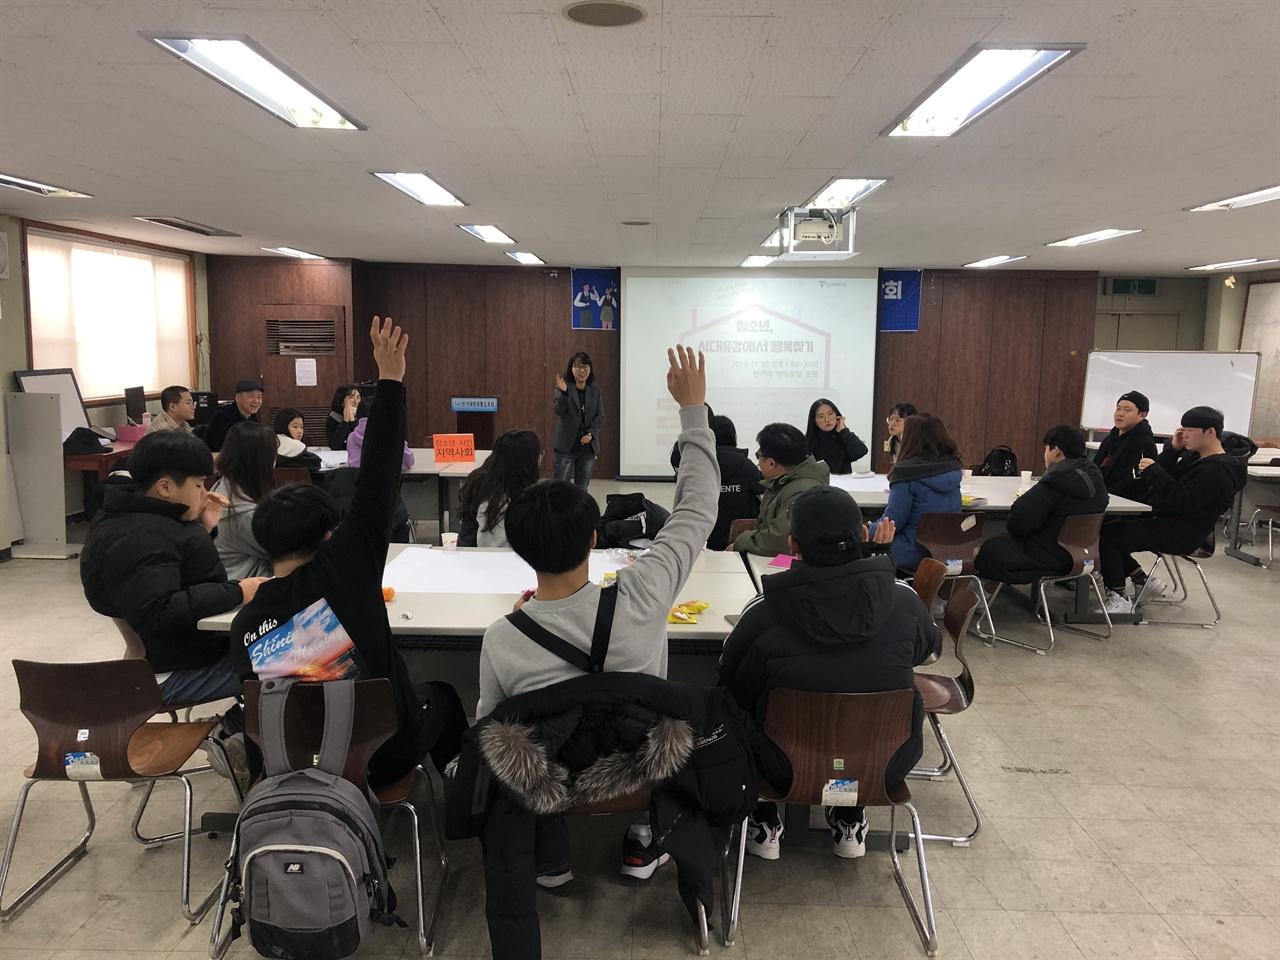 청소년집담회1 안산에서 열린 청소년이 행복한 세상을 위한 집담회에서 청소년들이 이야기를 발표하고 있다.